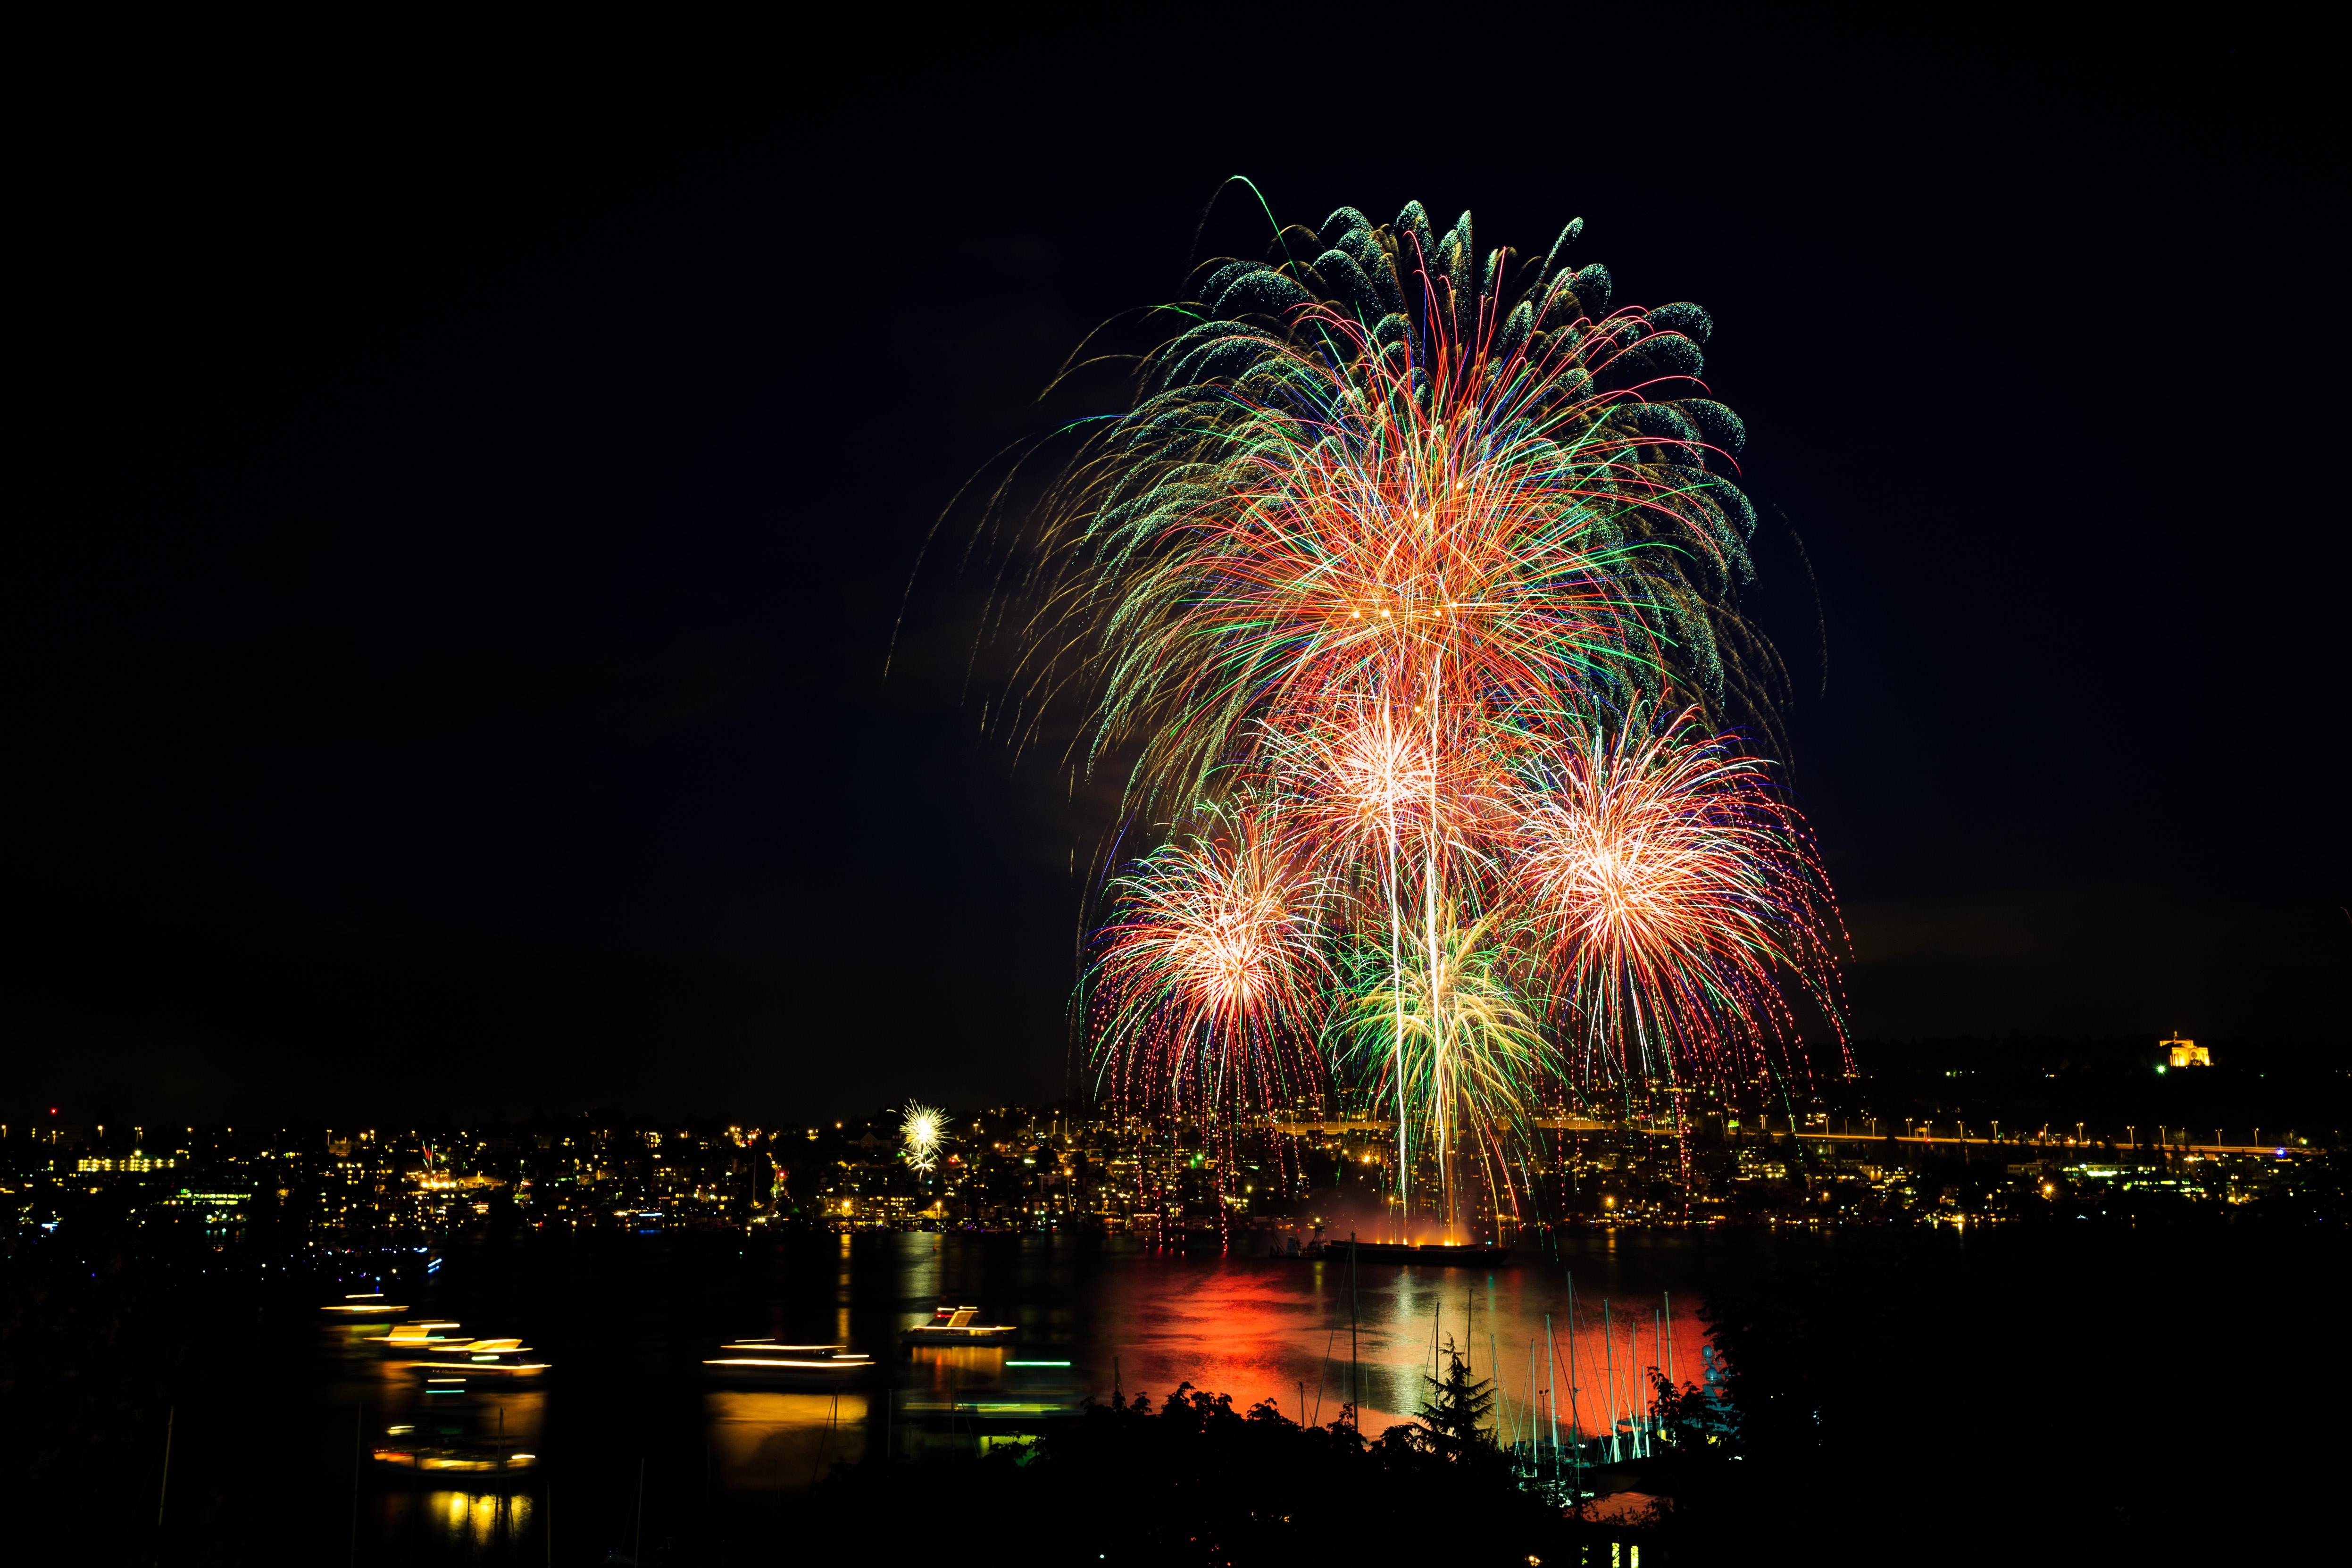 81645 Bildschirmschoner und Hintergrundbilder Feiertage auf Ihrem Telefon. Laden Sie Feiertage, Salute, Nächtliche Stadt, Night City, Lichter Der Stadt, City Lights, Feuerwerk, Seattle Bilder kostenlos herunter